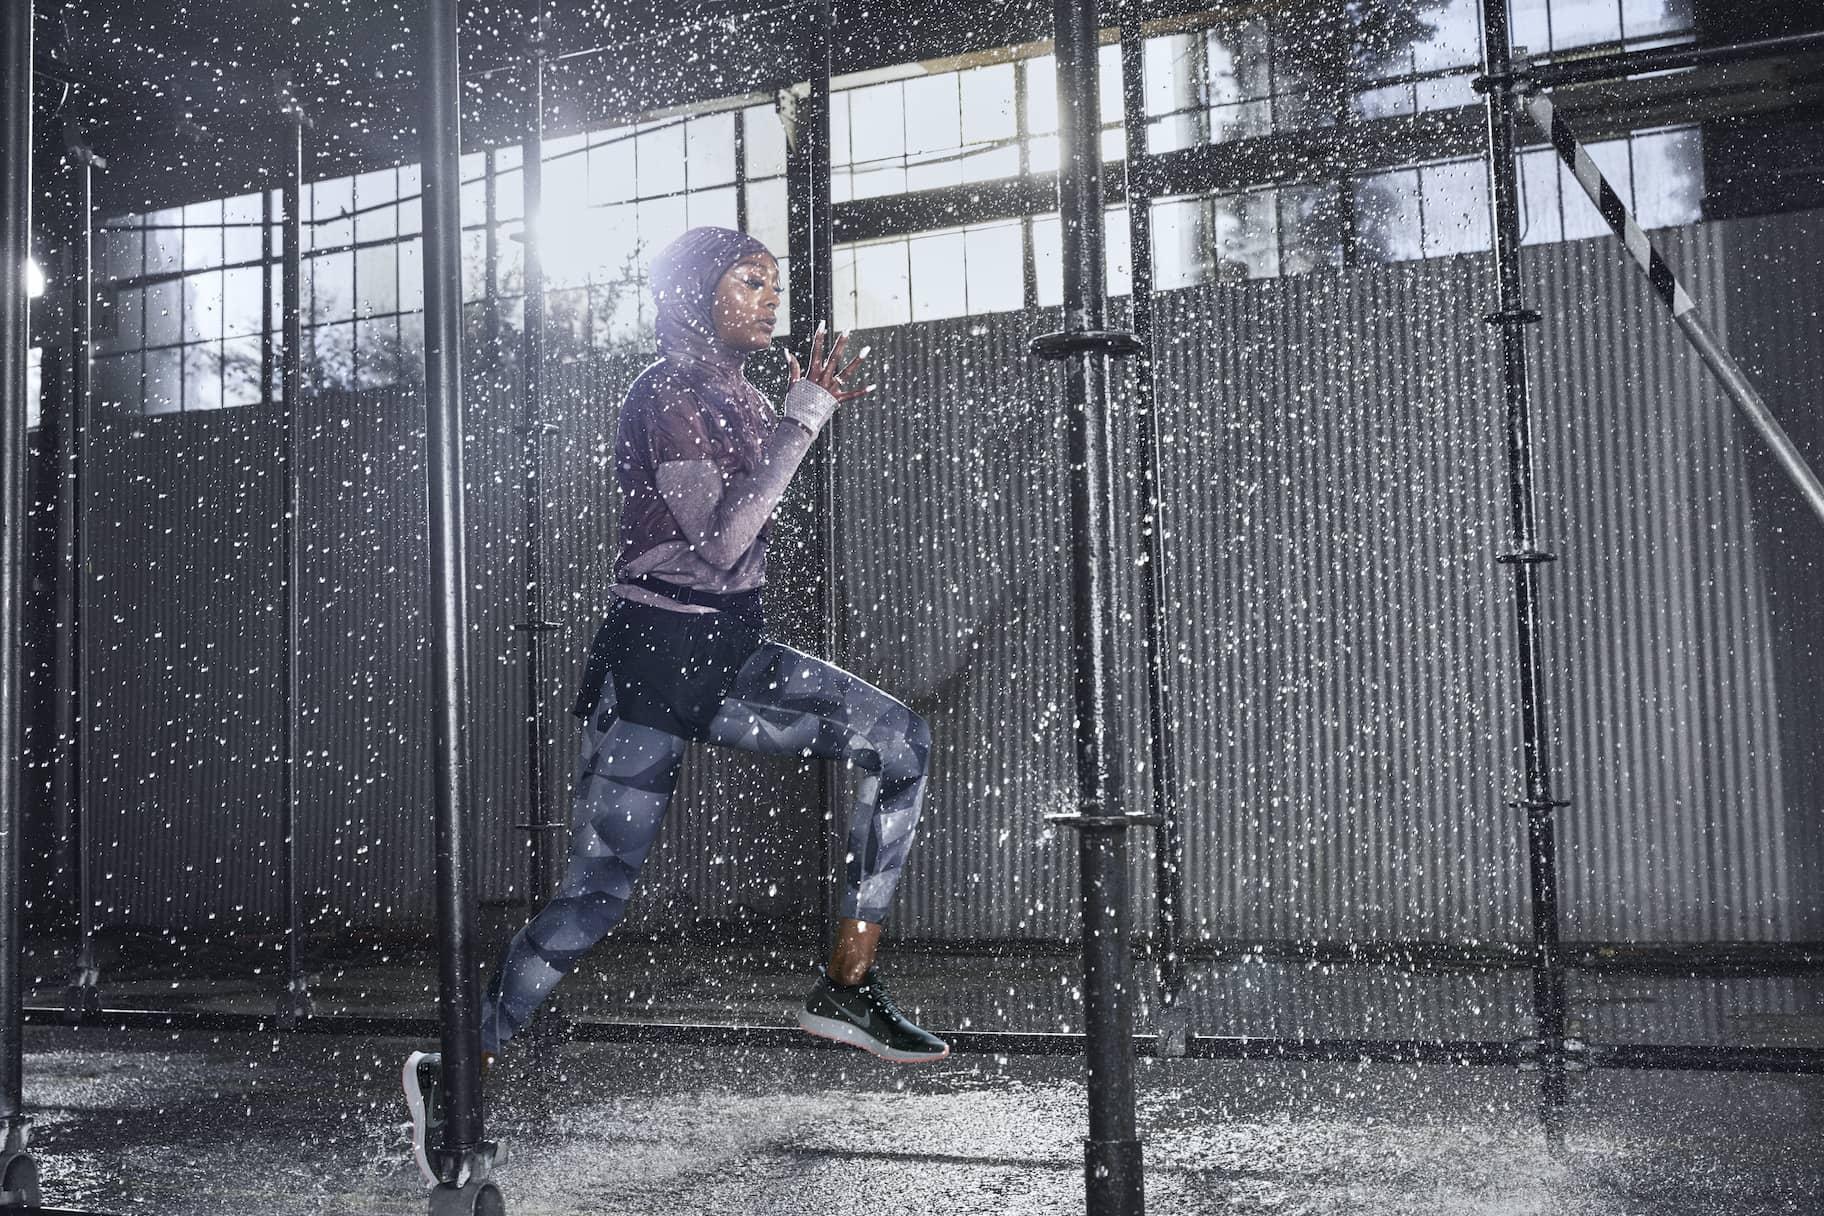 Equipament de running impermeable per als dies de pluja